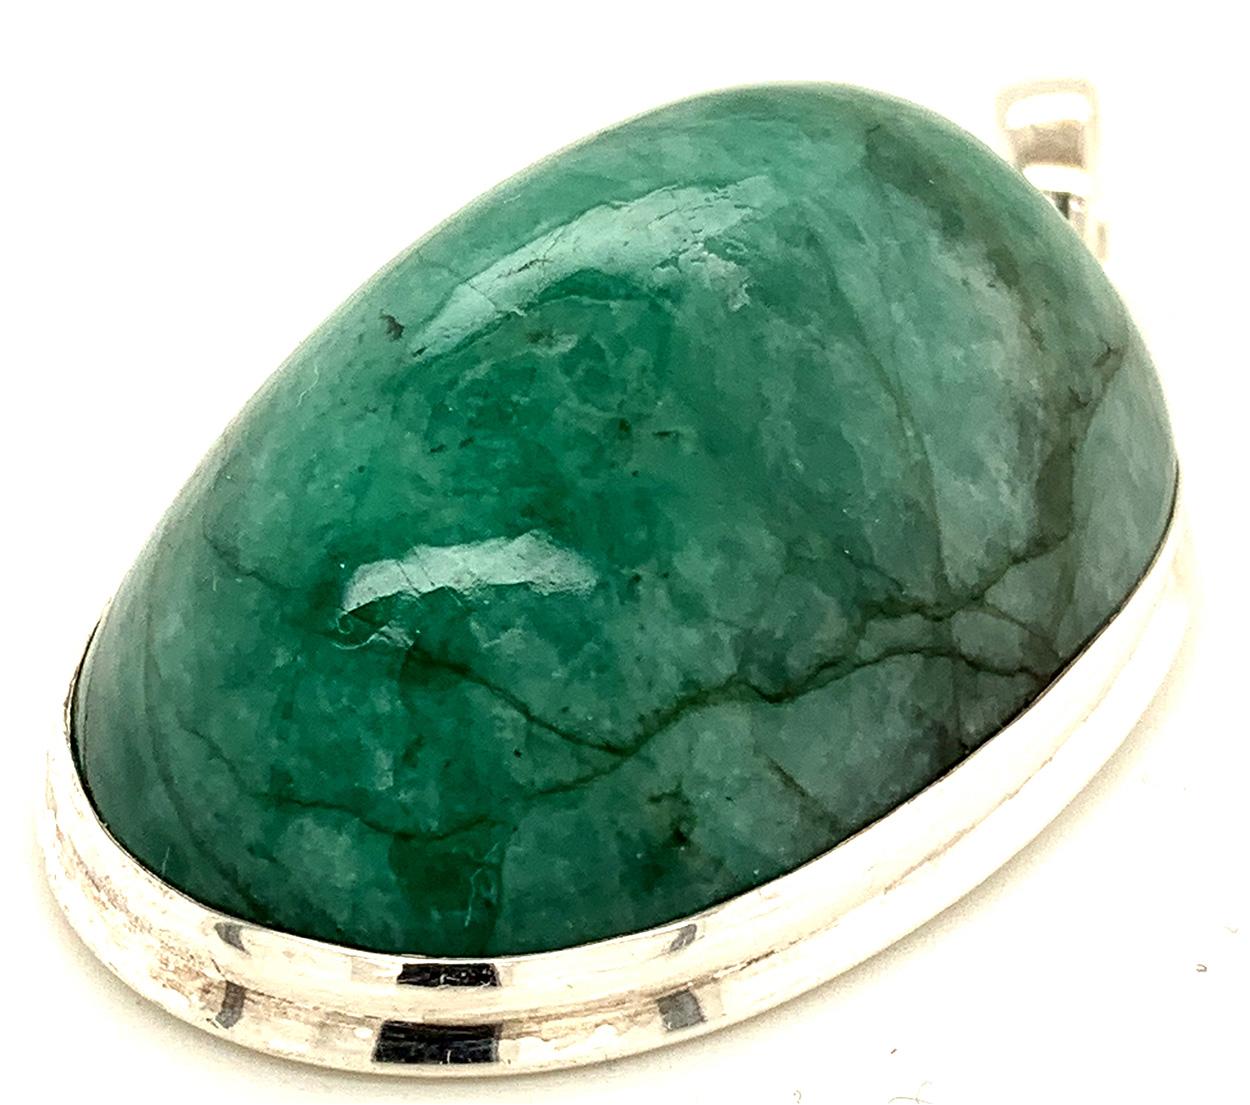 Sehr prunkvoller Anhänger mit einem großen, tropfenförmigen Smaragd in 925 Sterling Silber gefaßt. Gesamtgewicht inkl. Fassung in 925 Sterling Silber ca. 29 Gramm oder 144 ct. Selbstverständlich mit unserem Steinzertifikat. Der Smaragd gilt als edelster Stein der Beryll-Gruppe.